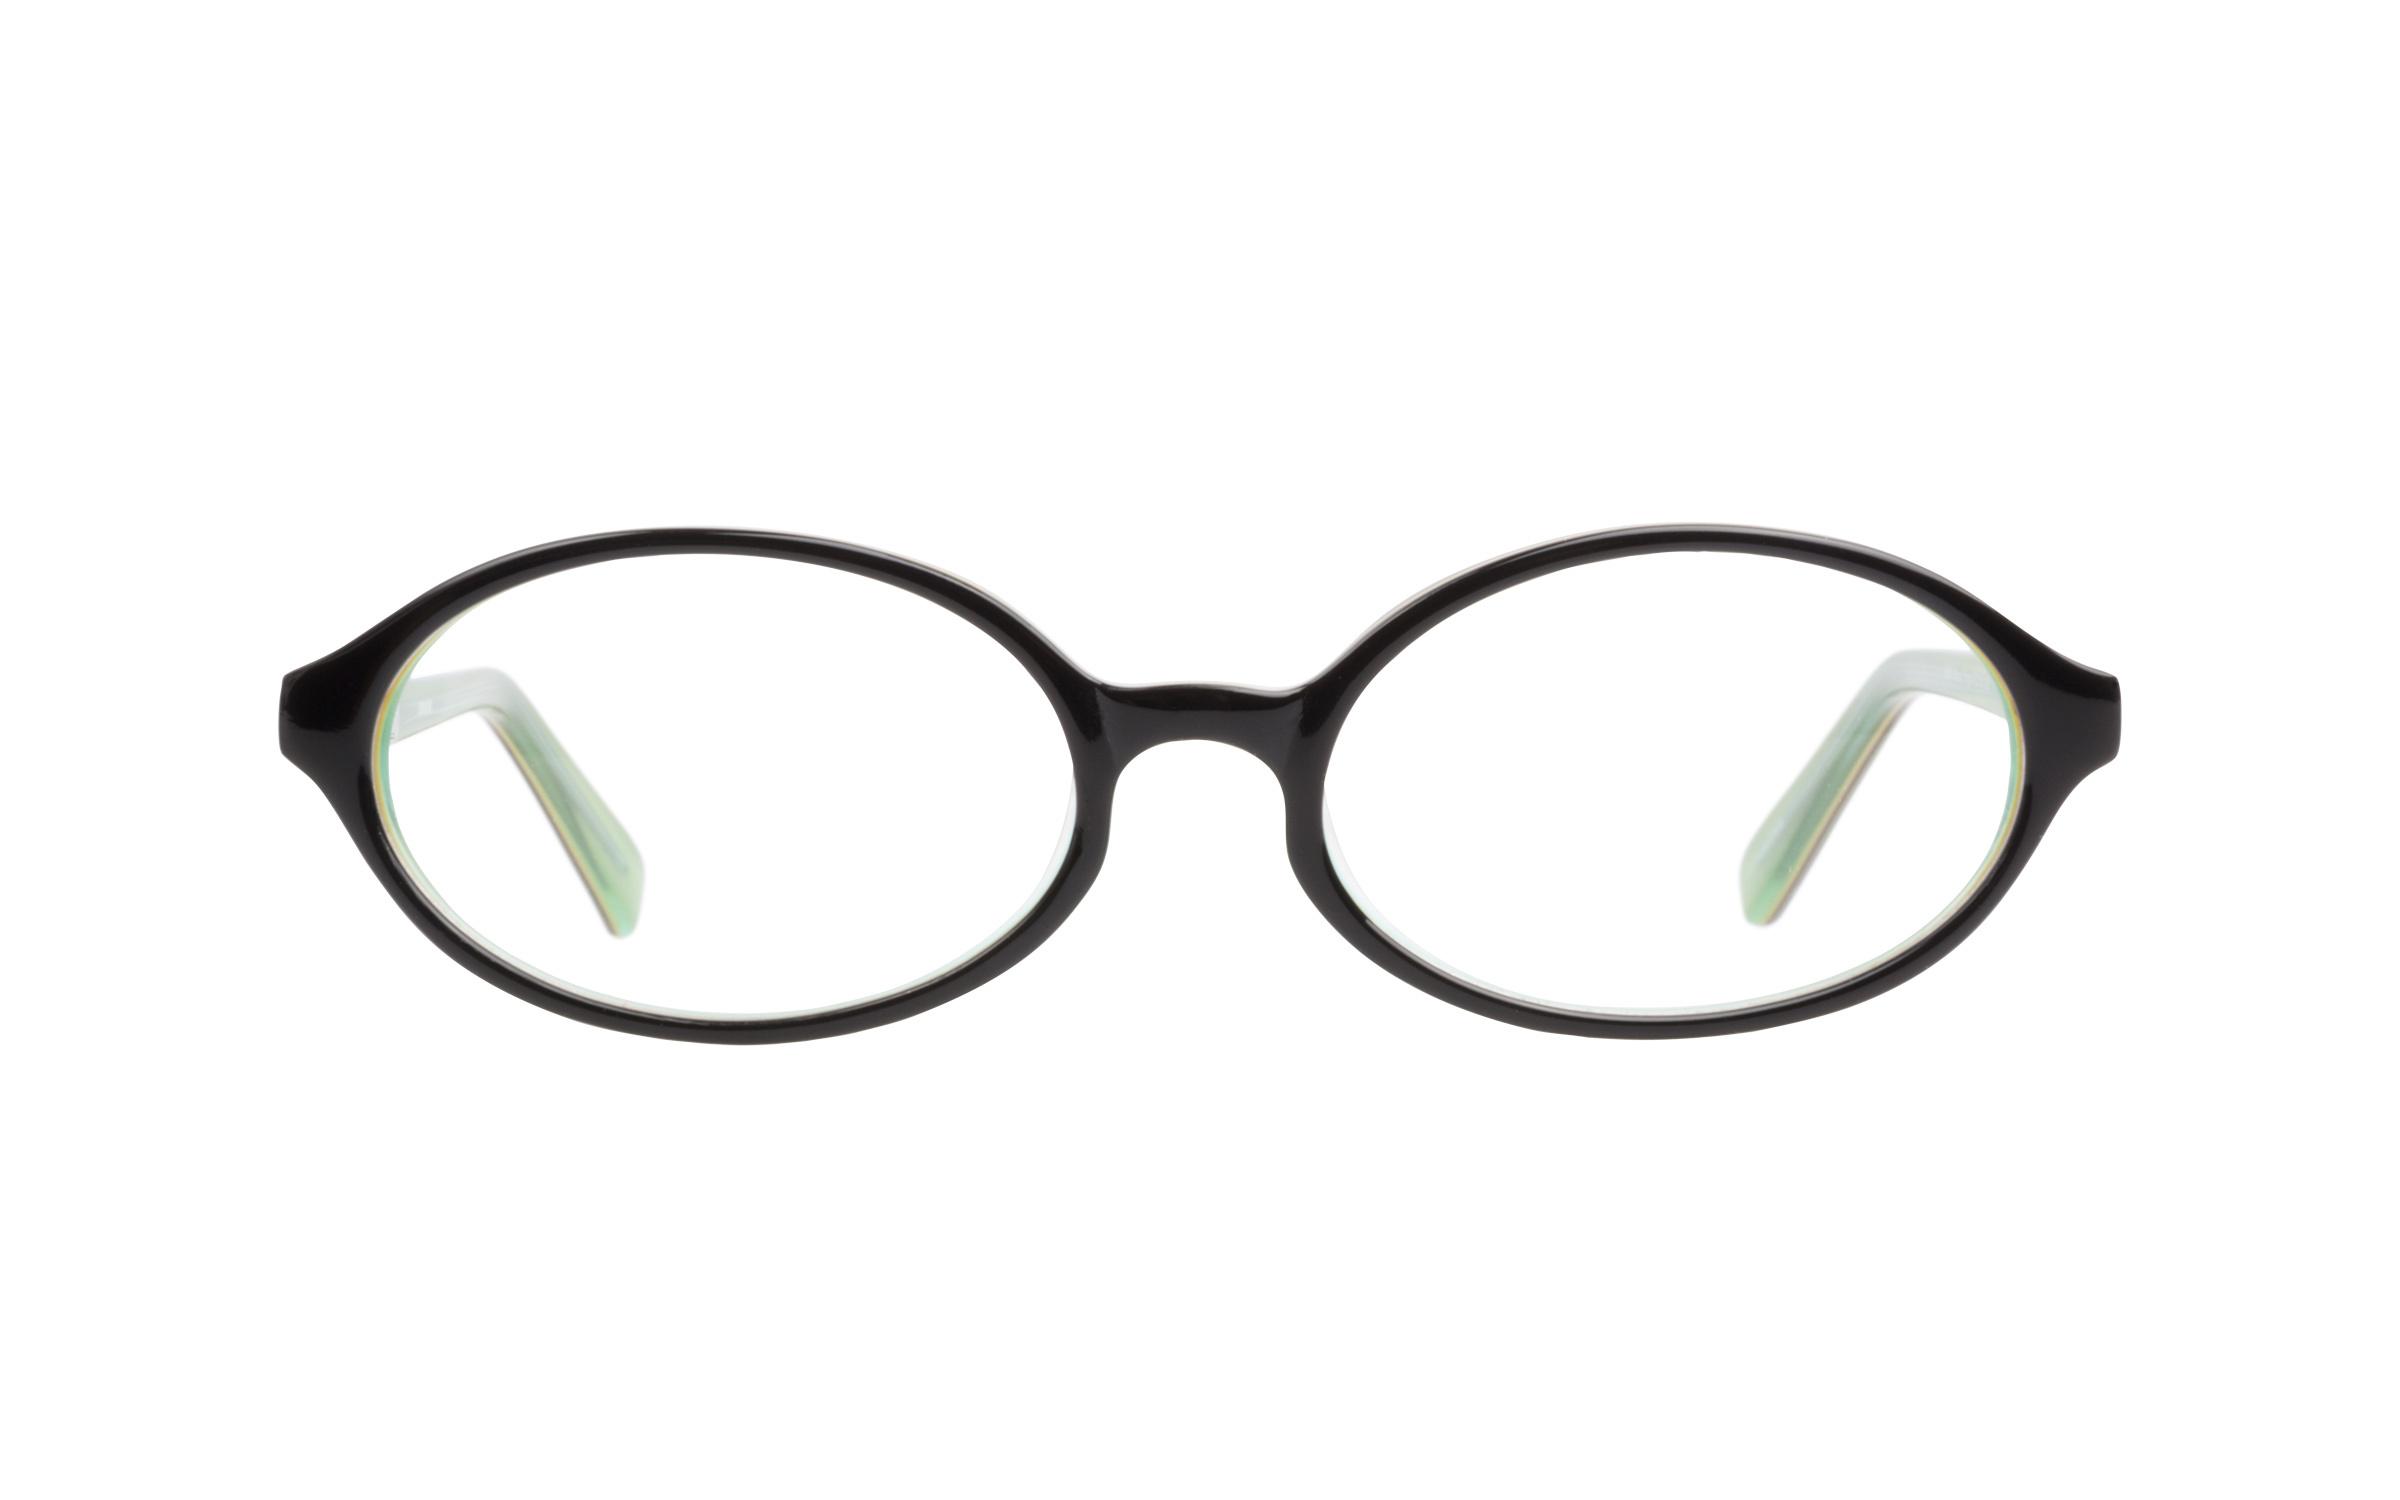 Zooventure 8008 Black Frog Glasses, Eyeglasses & Frames -...